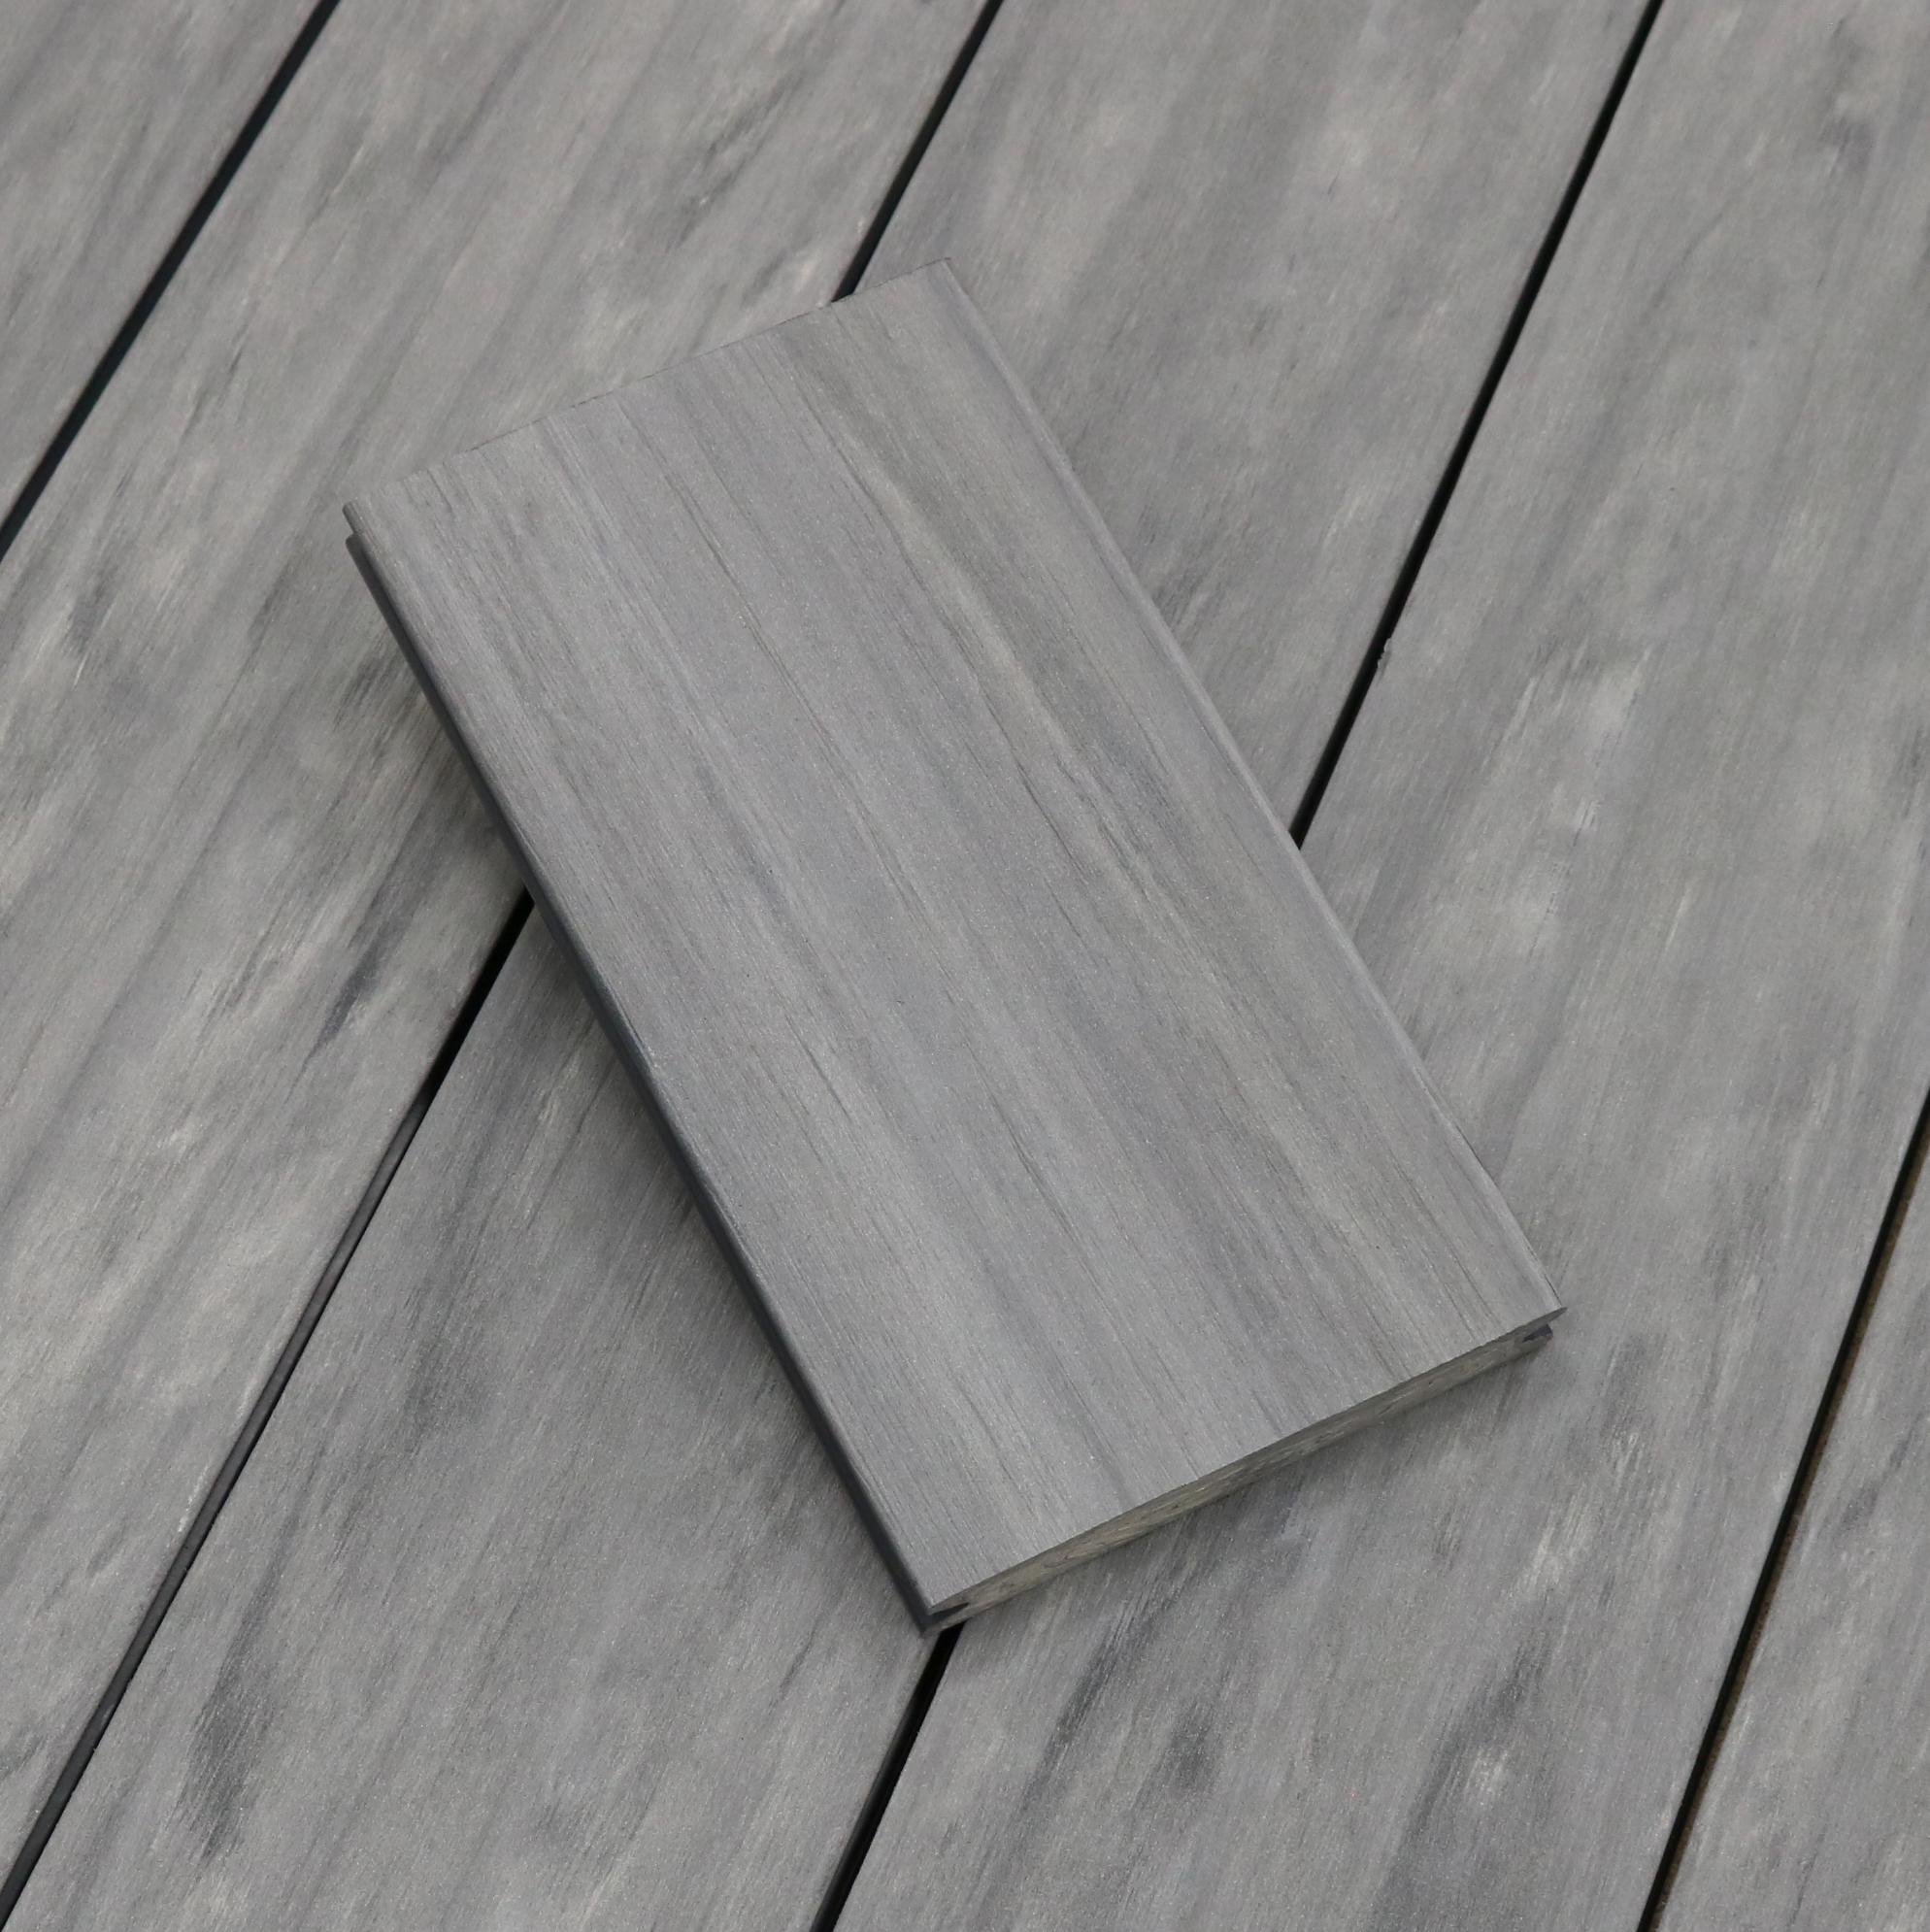 WPC Terrassendielen massiv, Oberfläche antik gealtert, Farbton steingrau, Vollprofil, 22 x 143 bis 4800 mm für 8,40 €/lfm